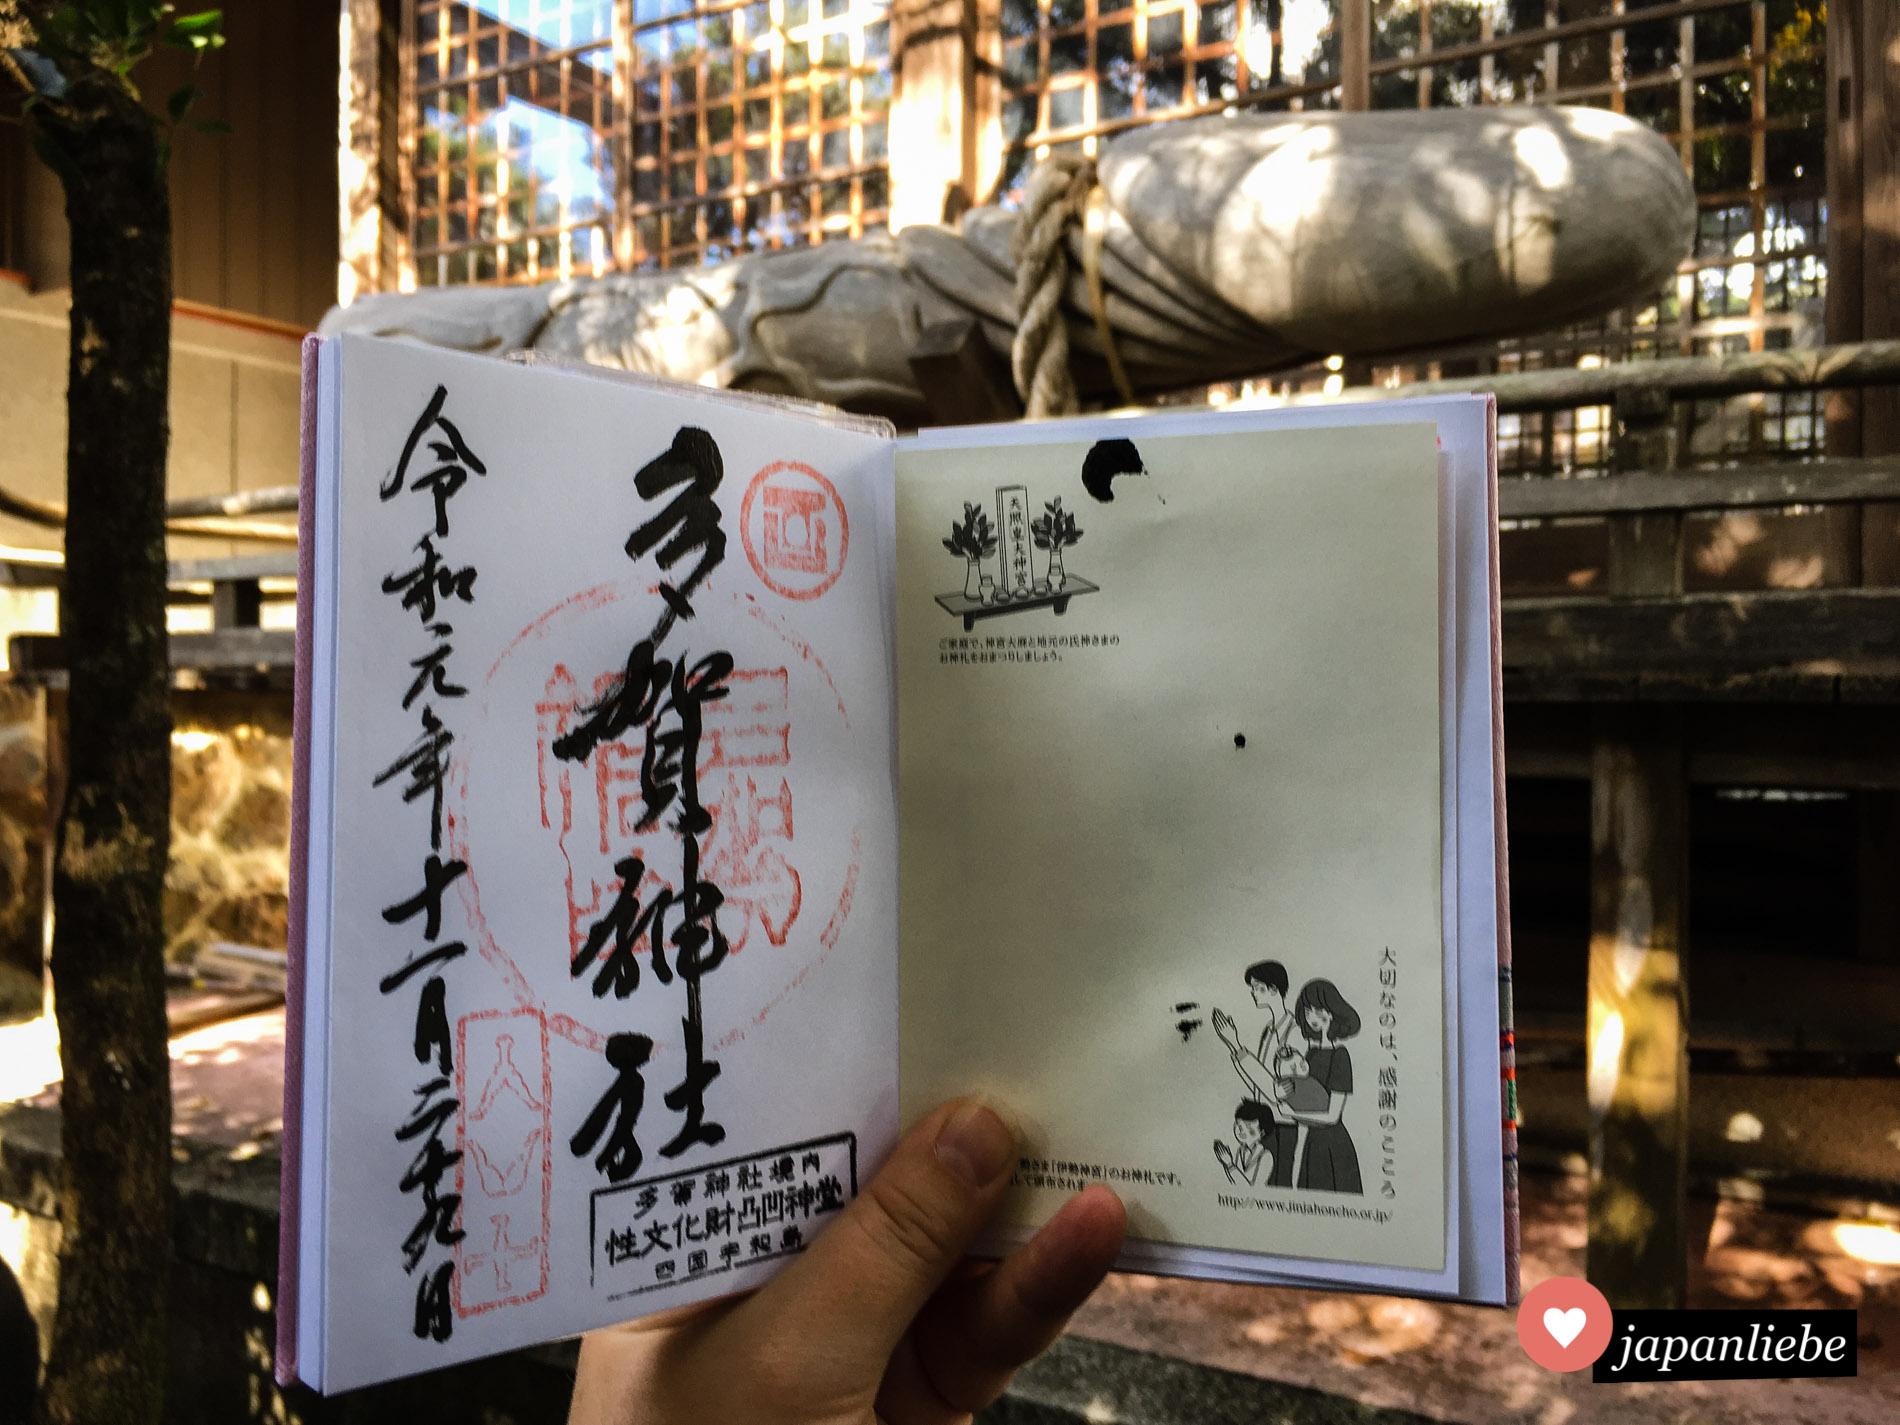 Mein goshuin Eintrag ins Pilgerbuch am Taga-Schrein in Uwajima.